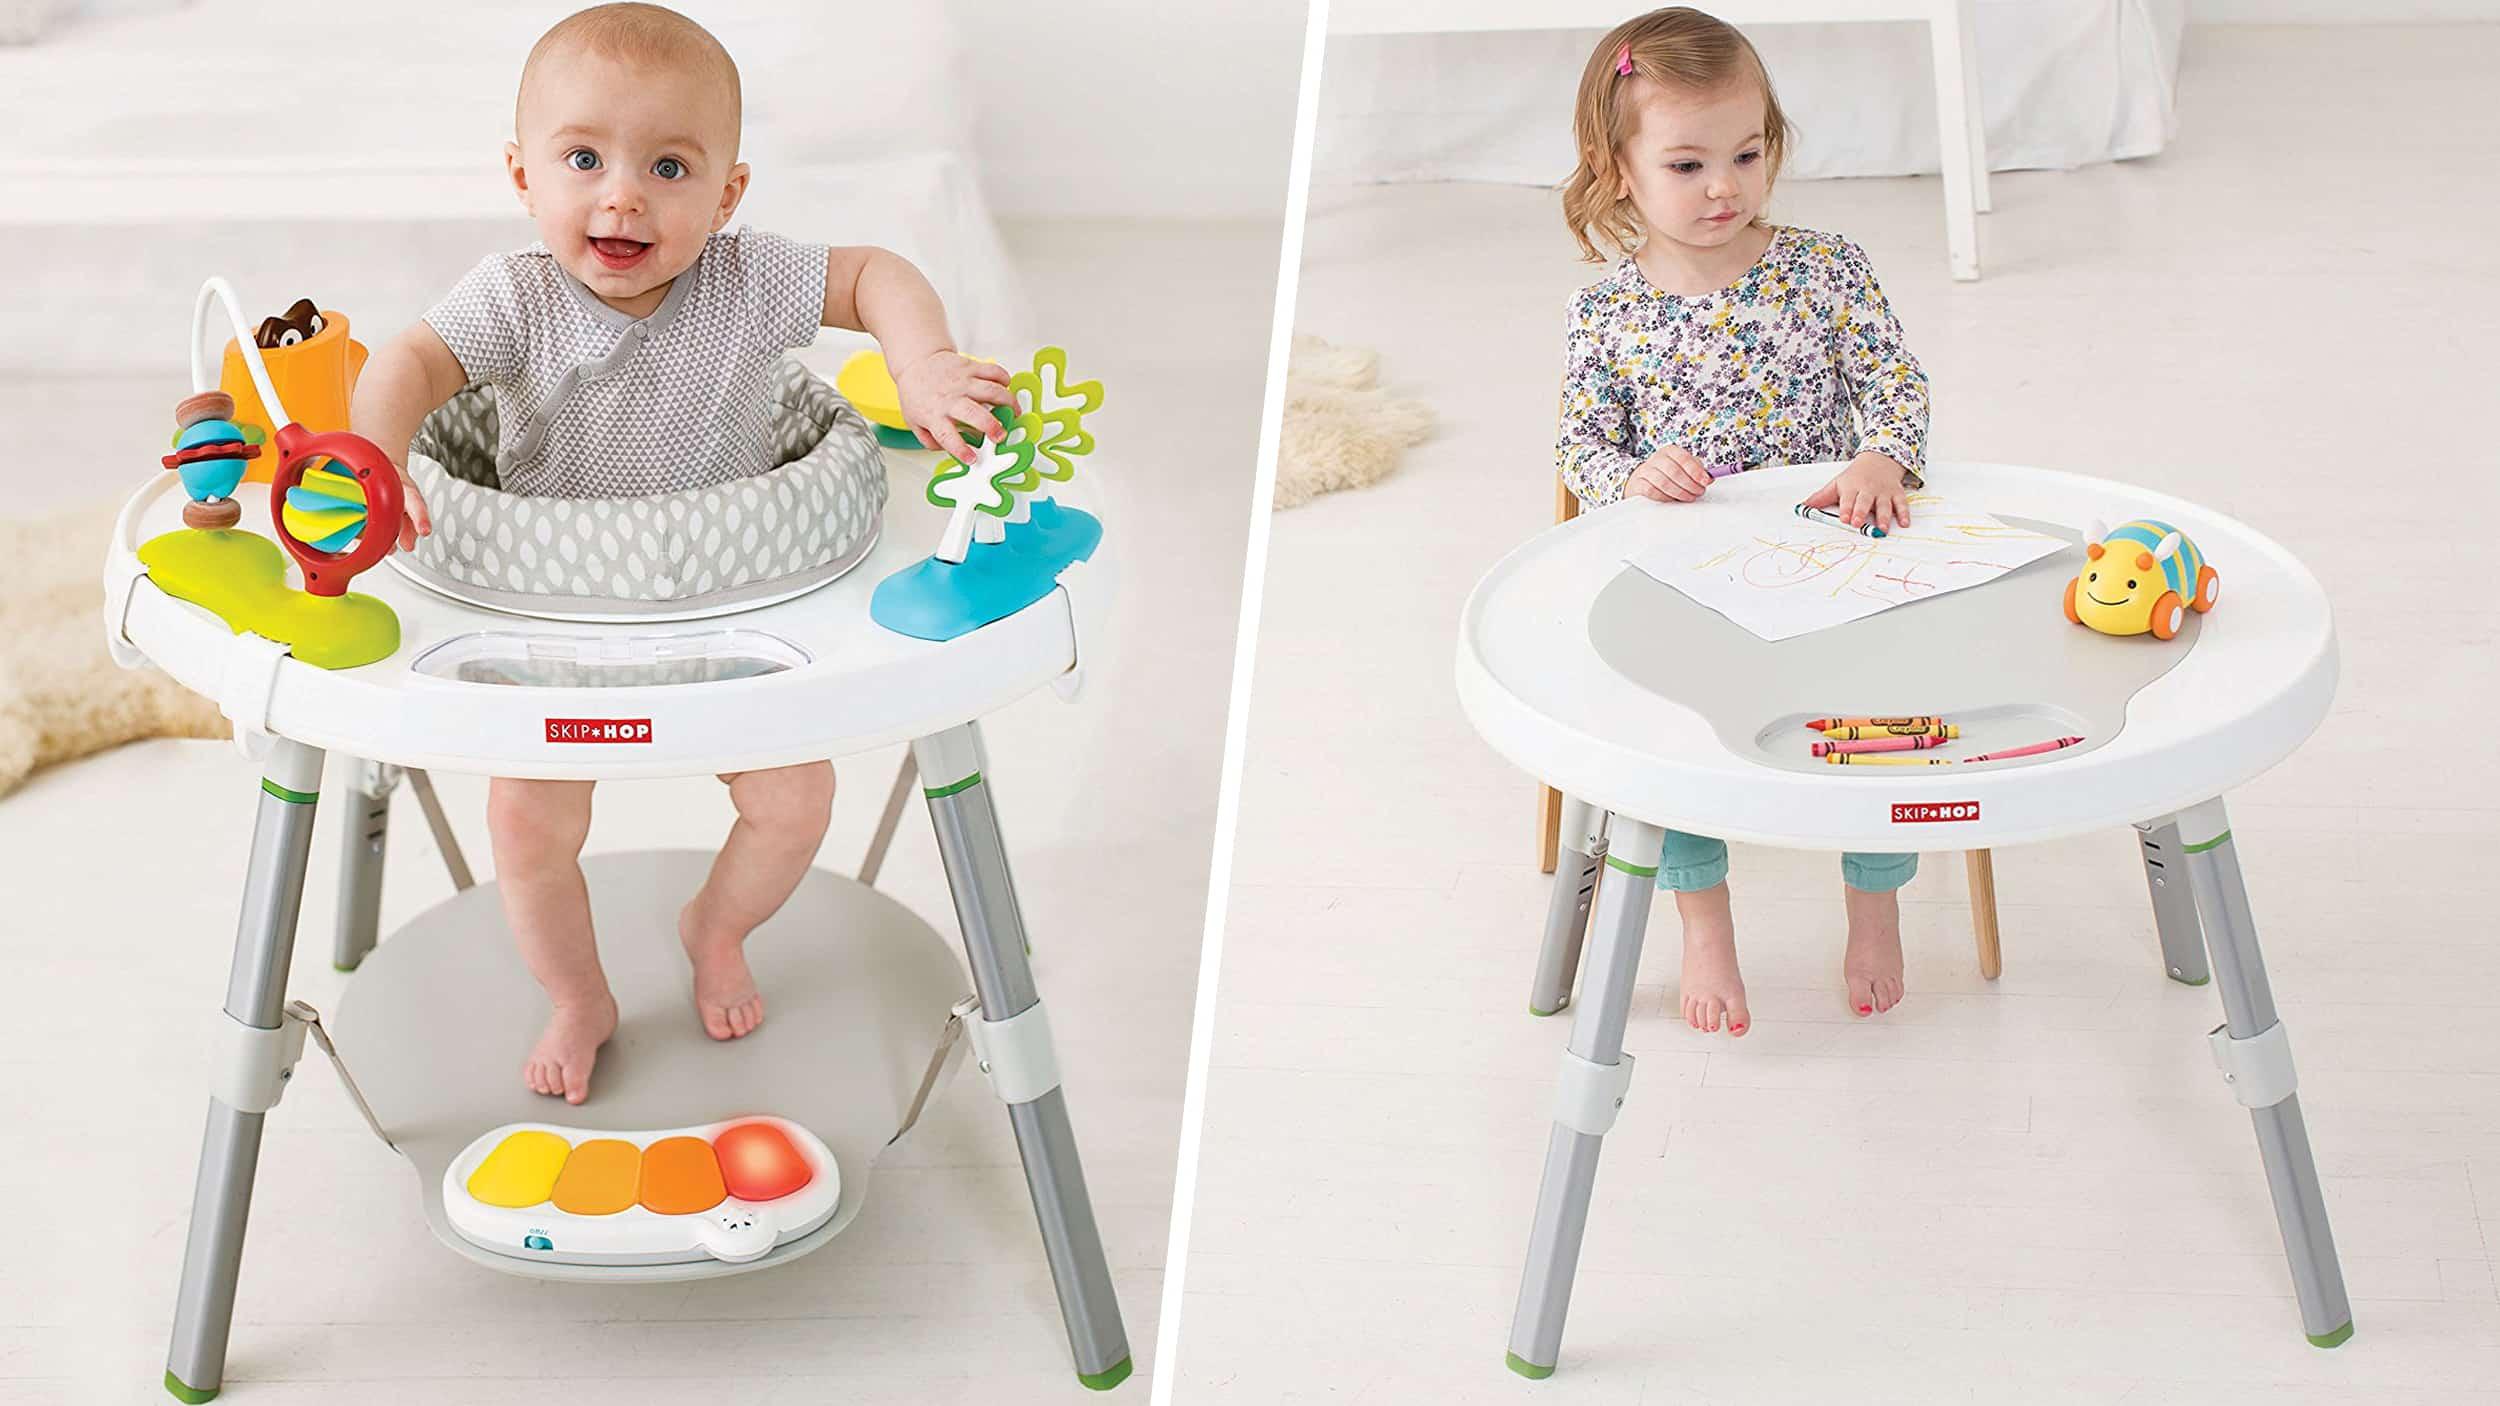 Brinquedos para bebés - 5 brinquedos divertidos para os mais pequenos